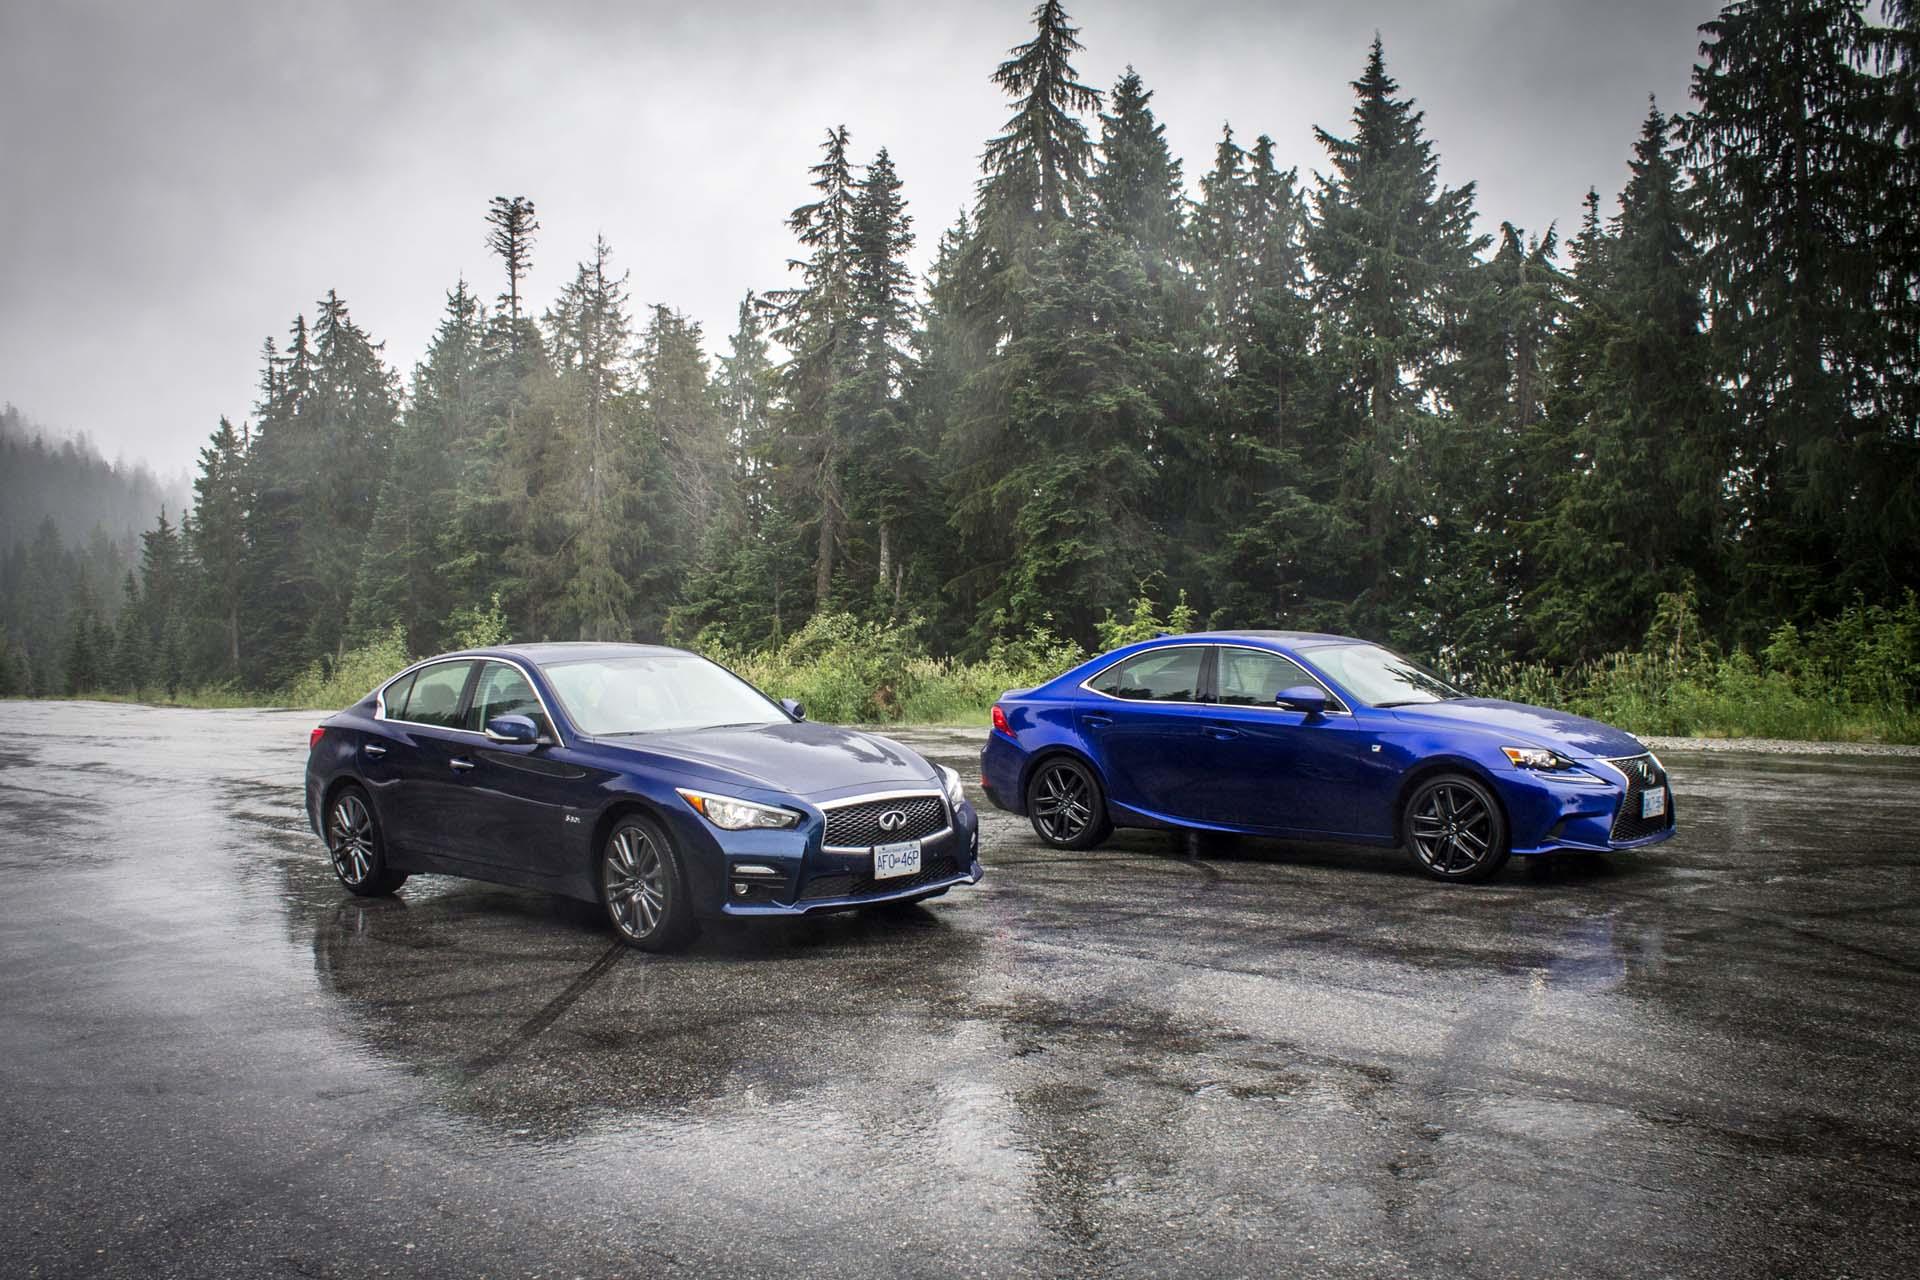 2016 Infiniti Q50 Red Sport 400 AWD vs Lexus IS 350 F Sport AWD